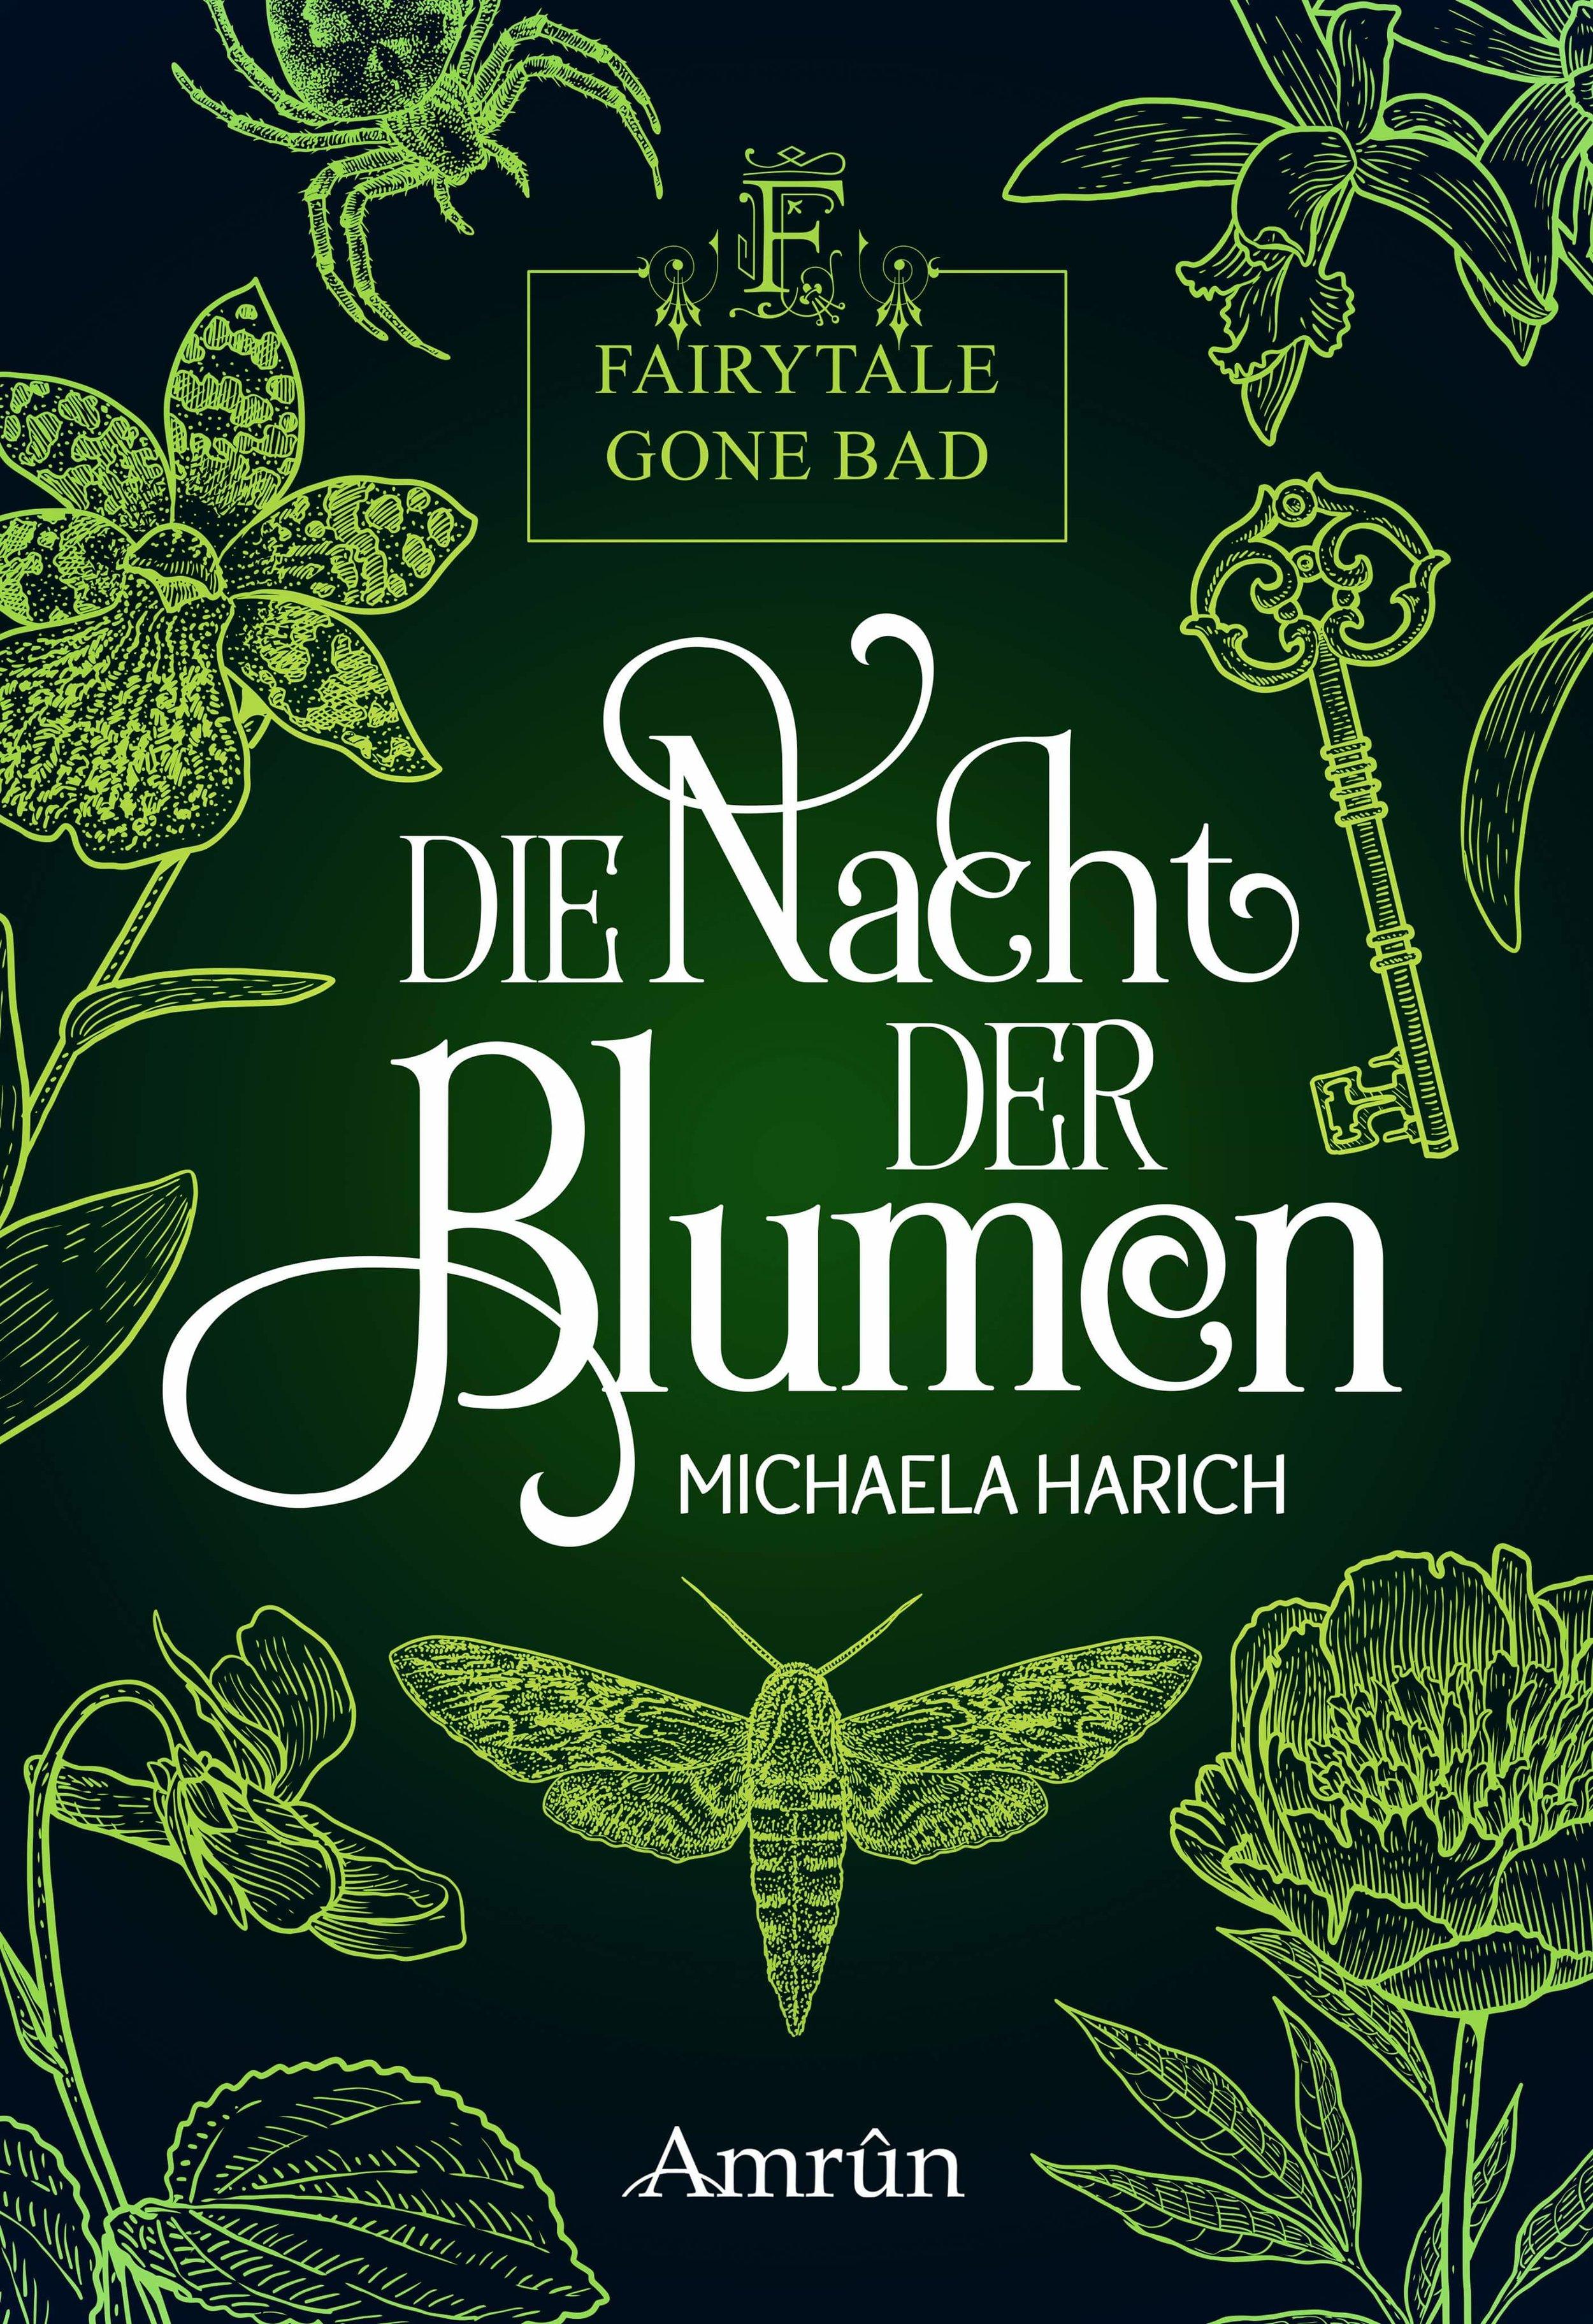 michaela_harich_die_nacht_der_blumen_phantastik-autoren-netzwerk.jpg